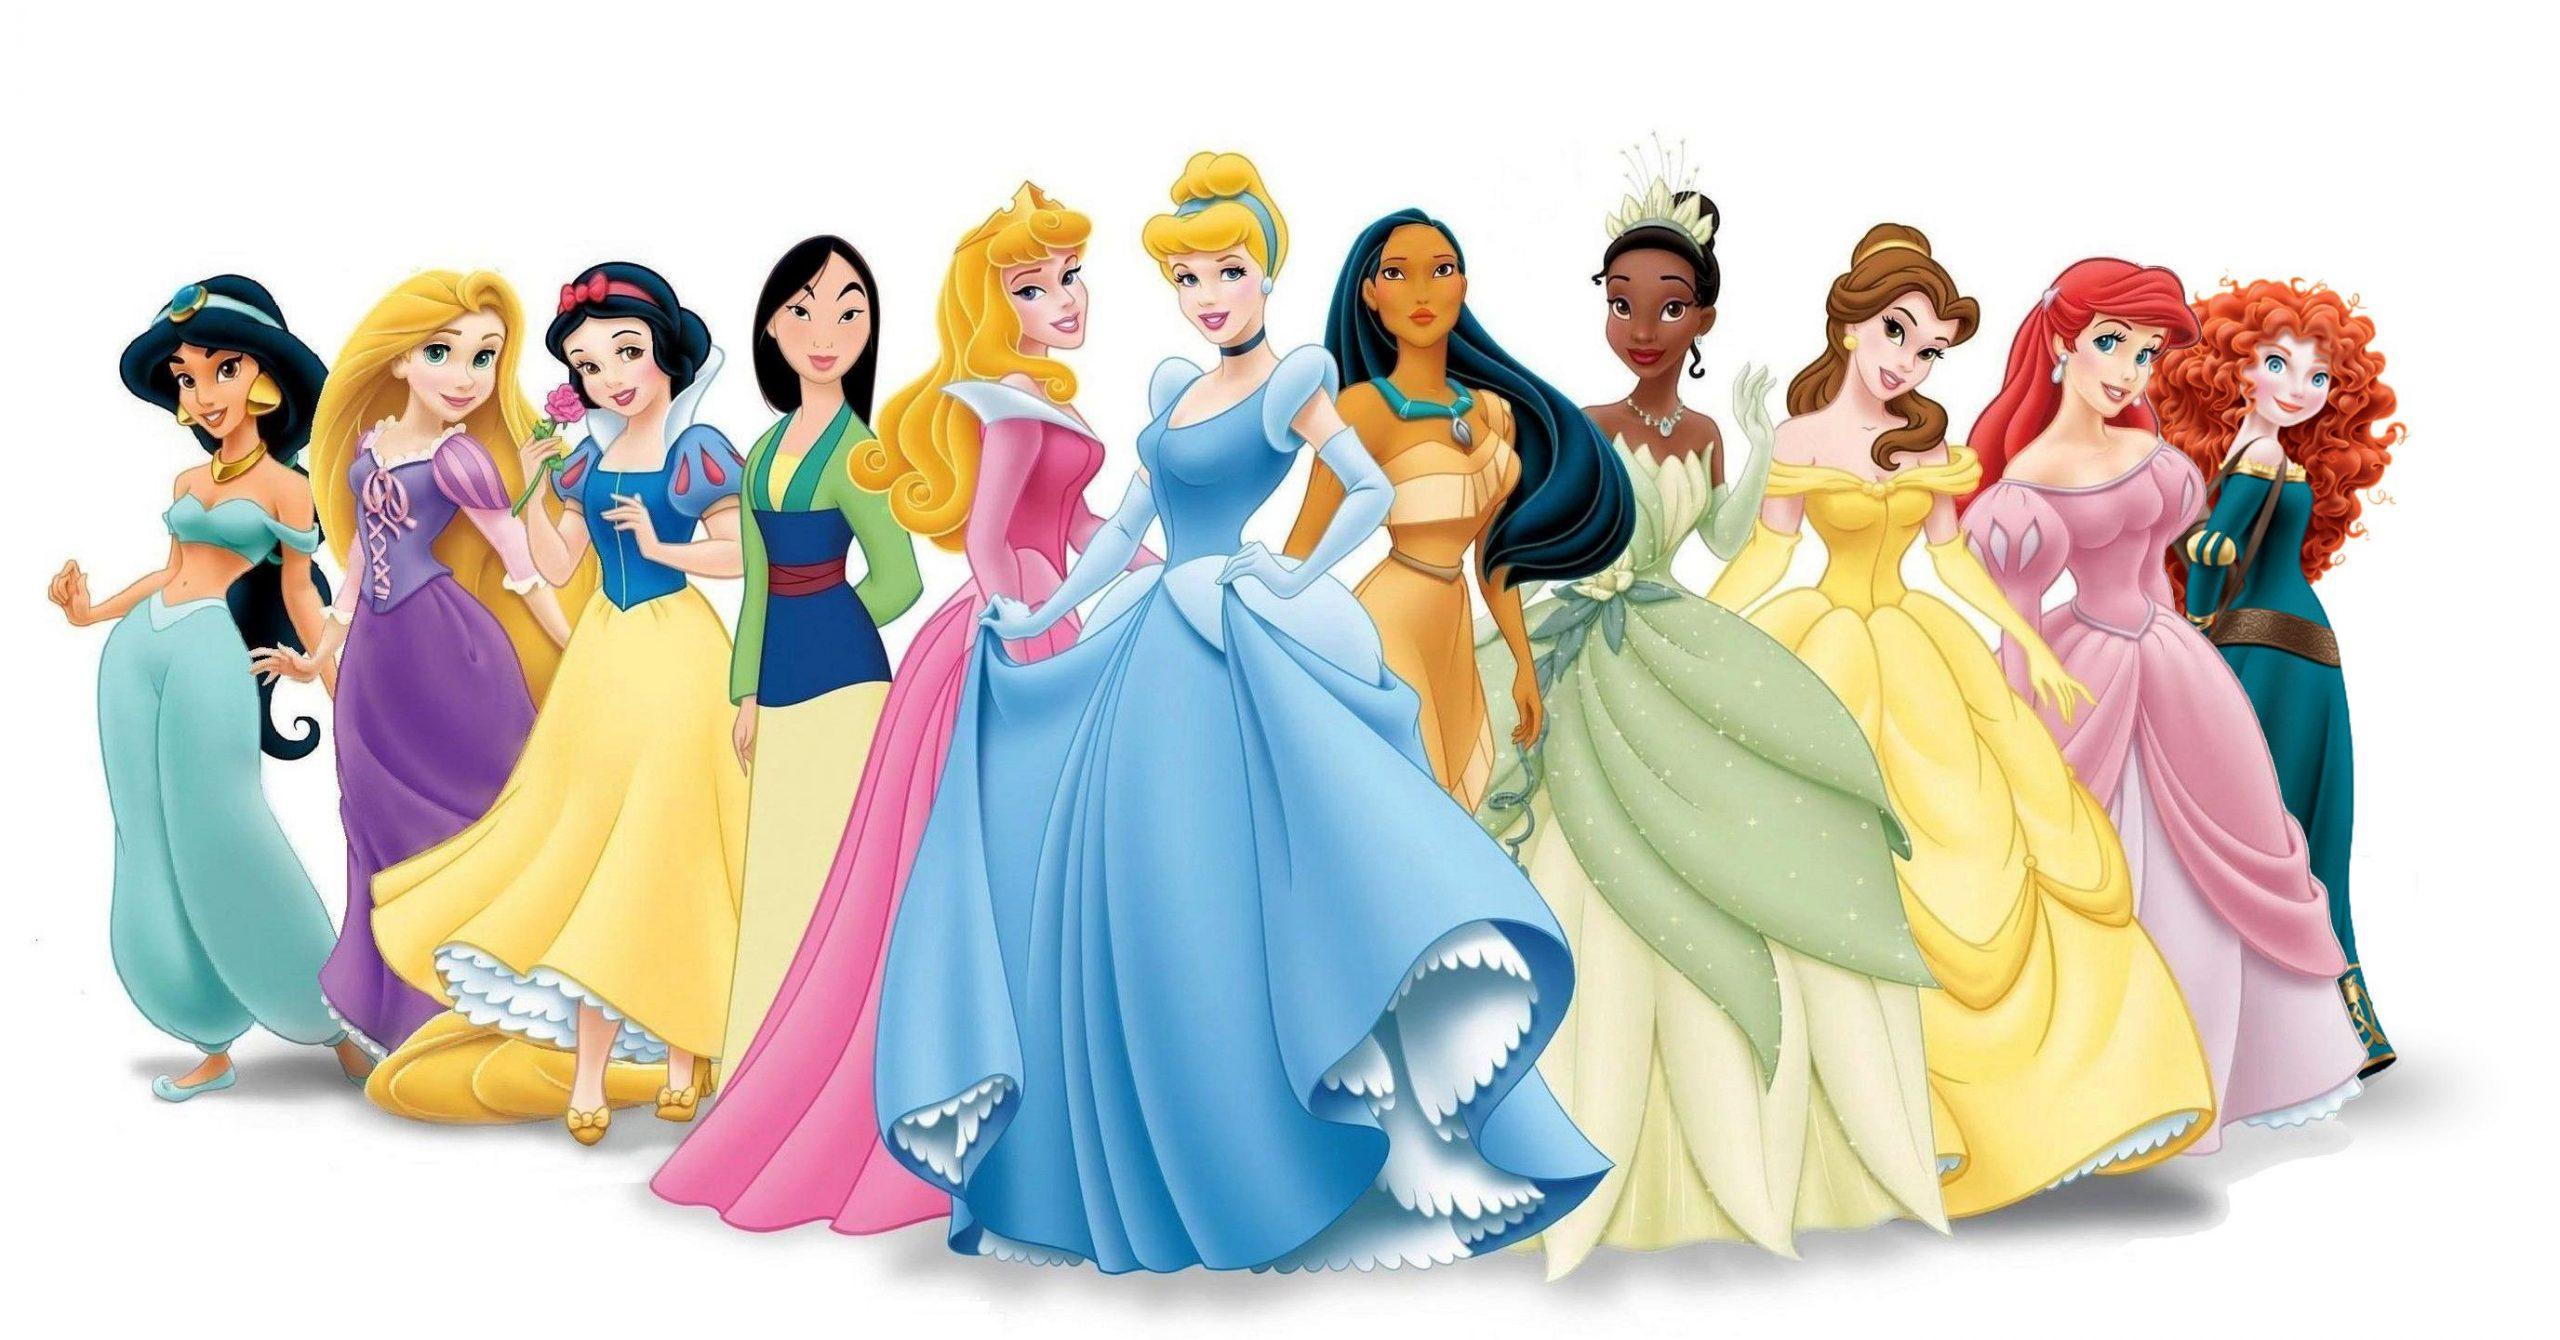 มาทำความรู้จักเหล่า Disney Princess ให้ดีขึ้นกันเถอะ